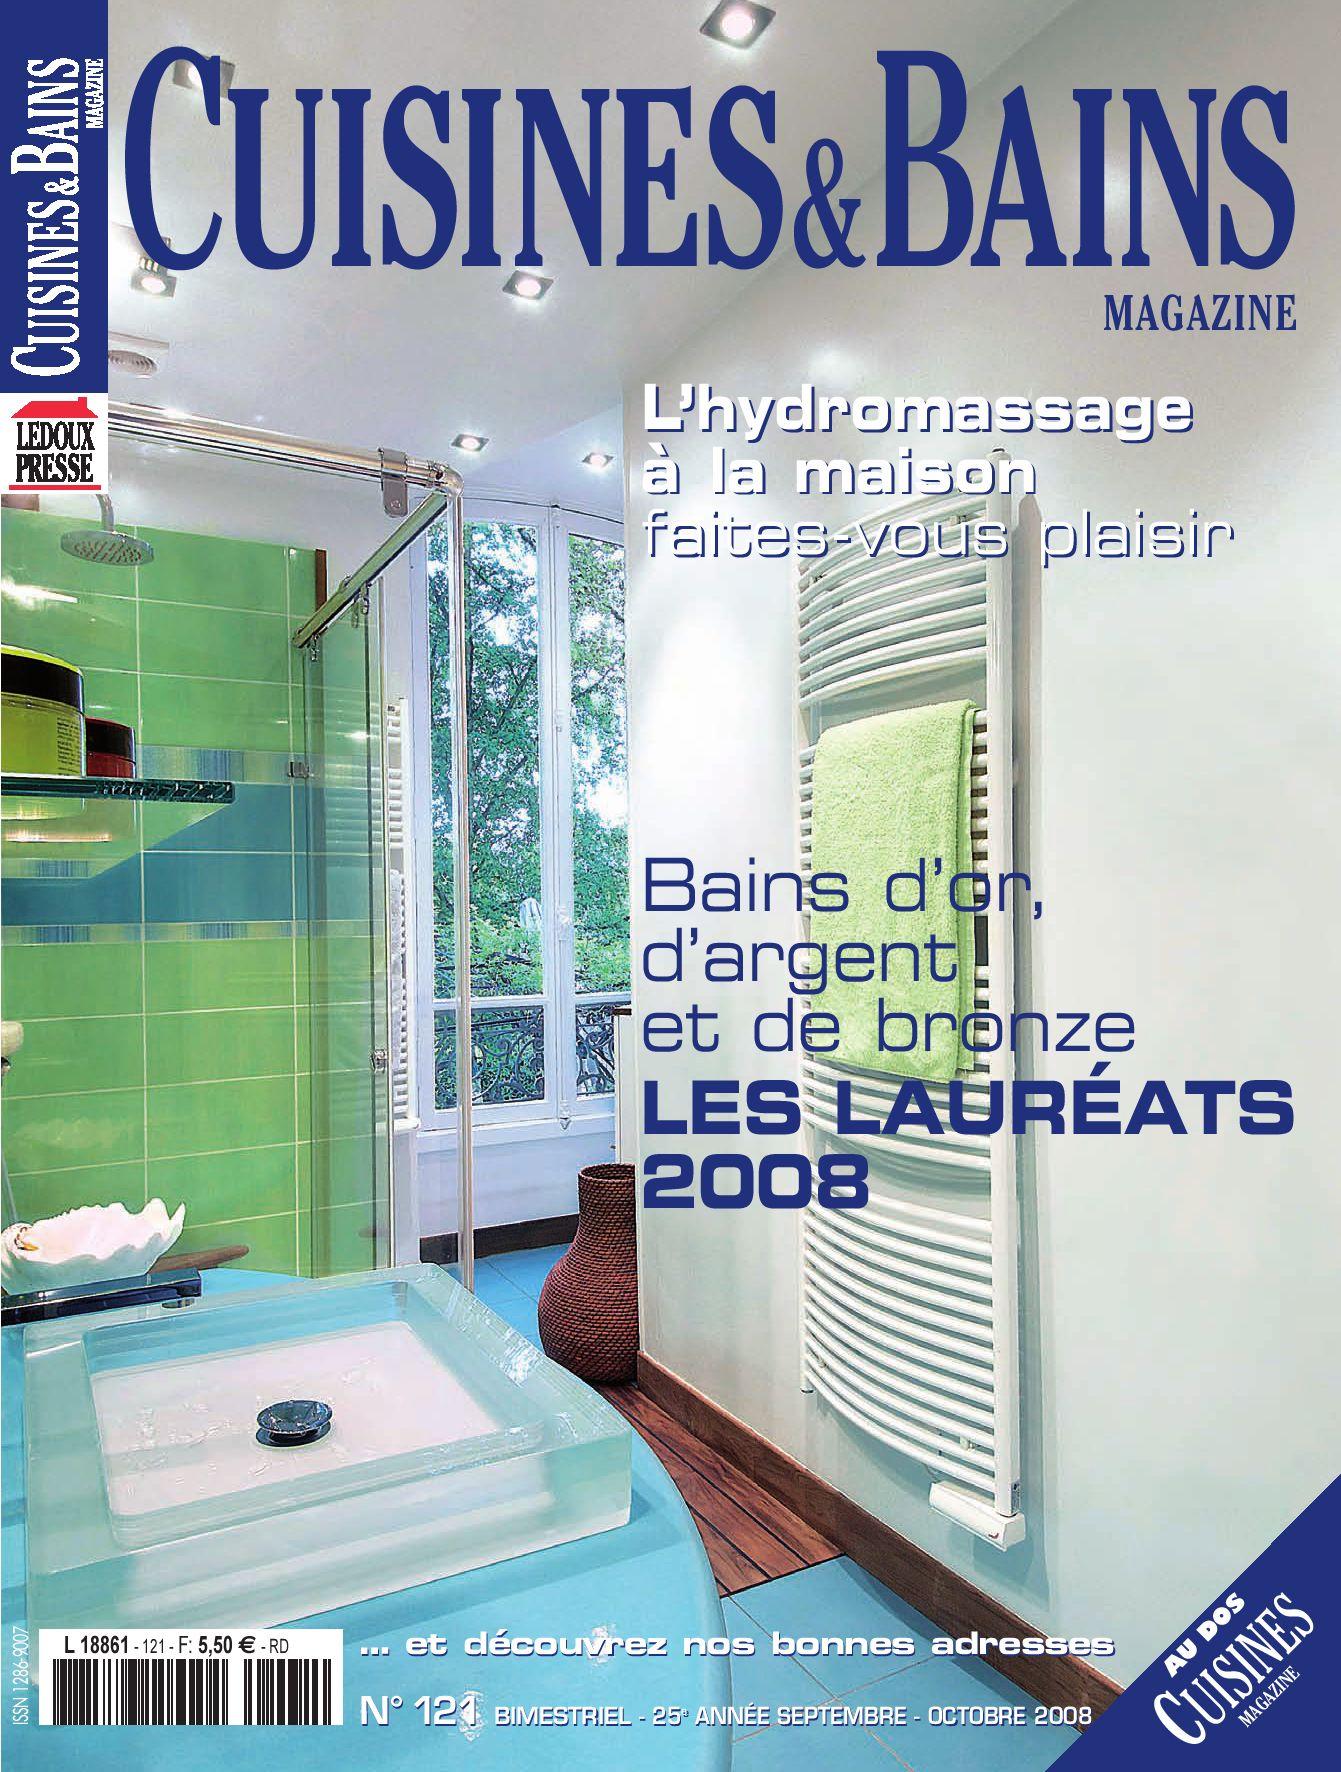 Sogal Traitement De Surface cuisines & bains magazine - 121 (bains)ledoux christian